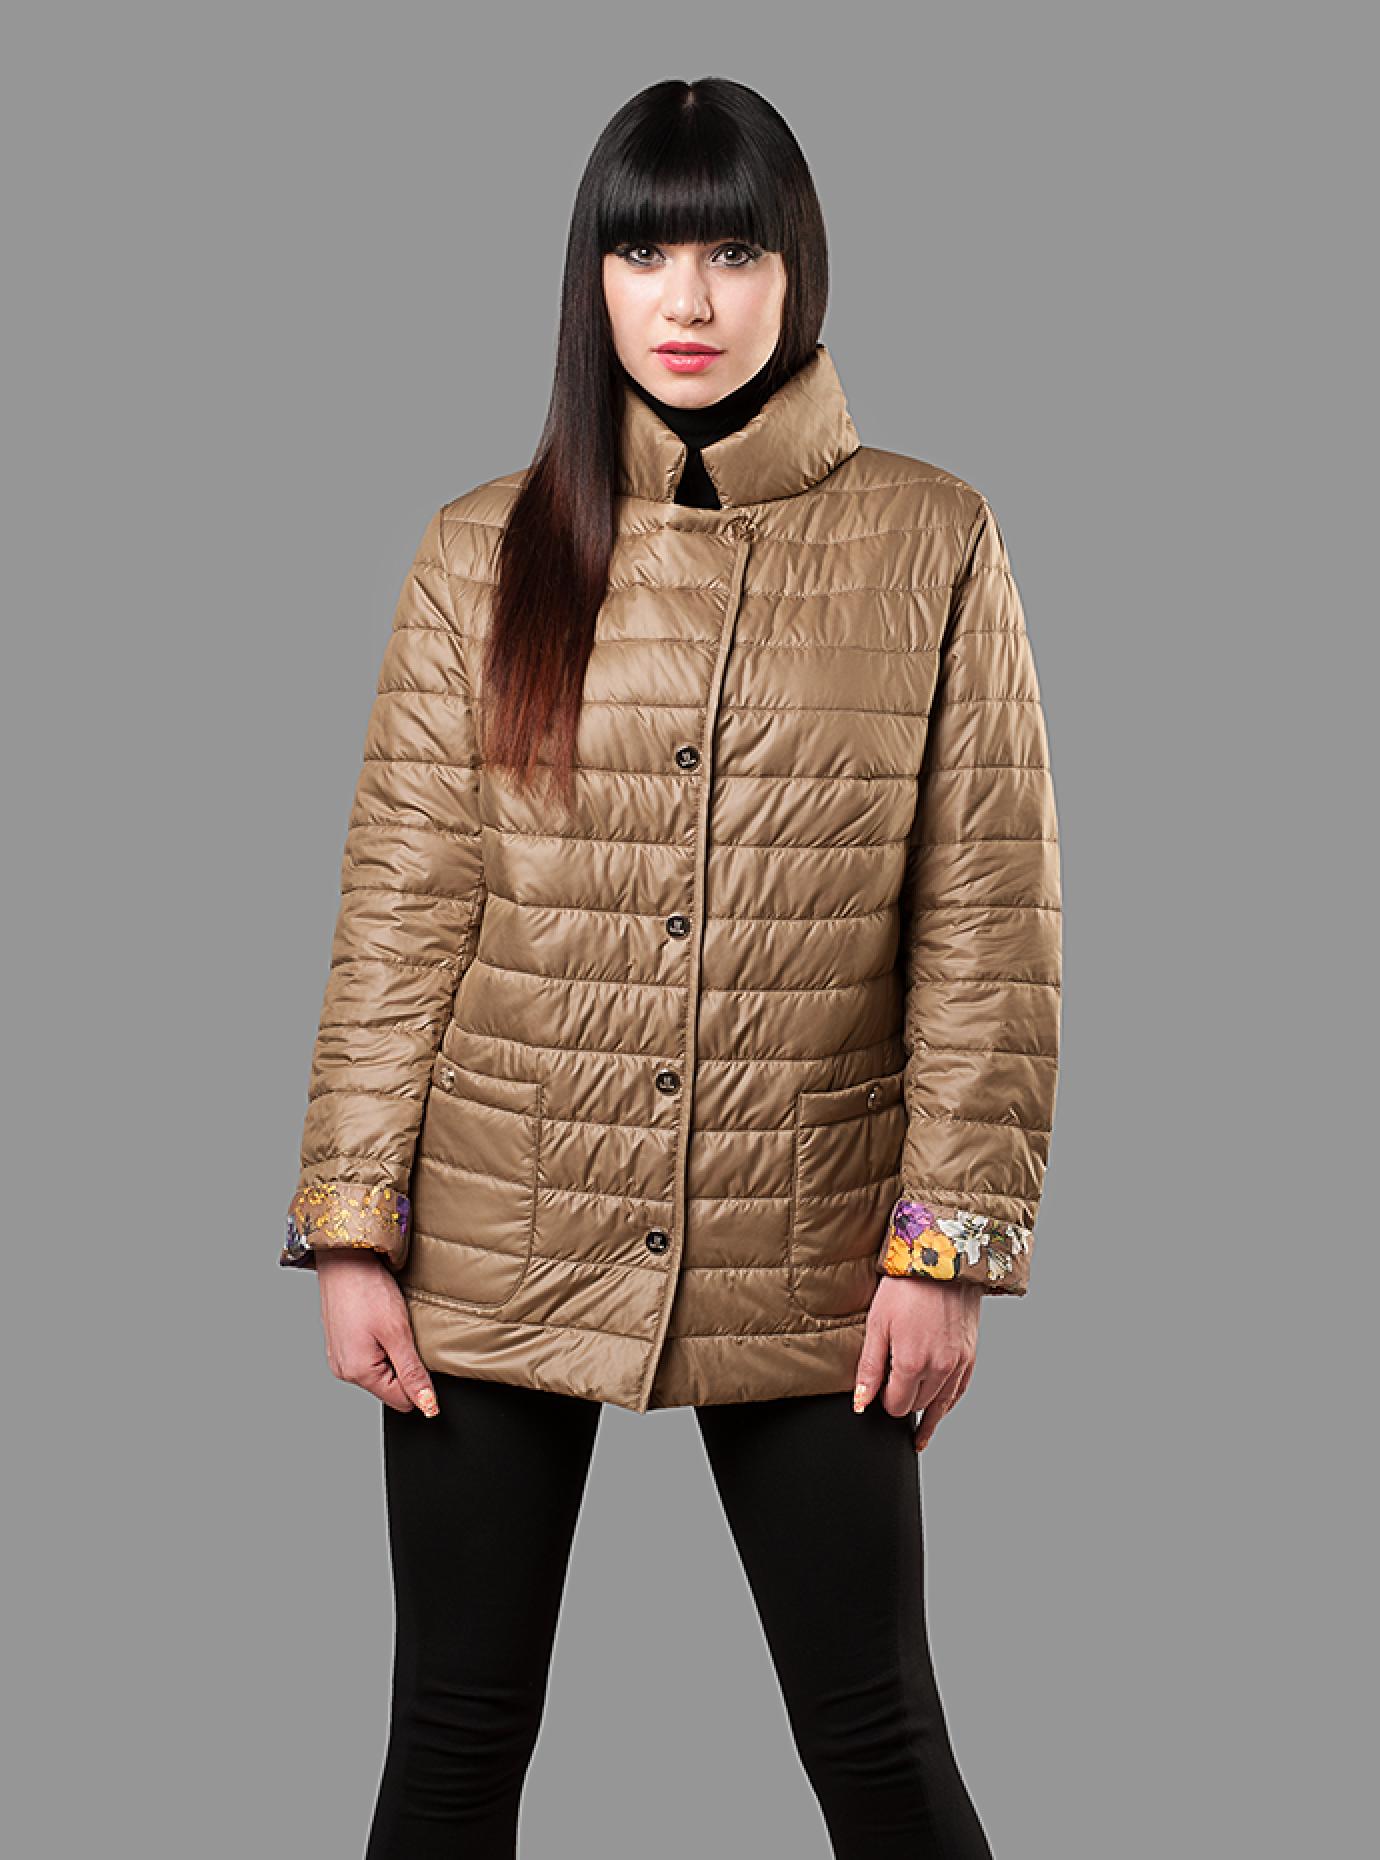 Куртка женская демисезонная на пуговицах Чёрный S (02-CD18083): фото - Alster.ua